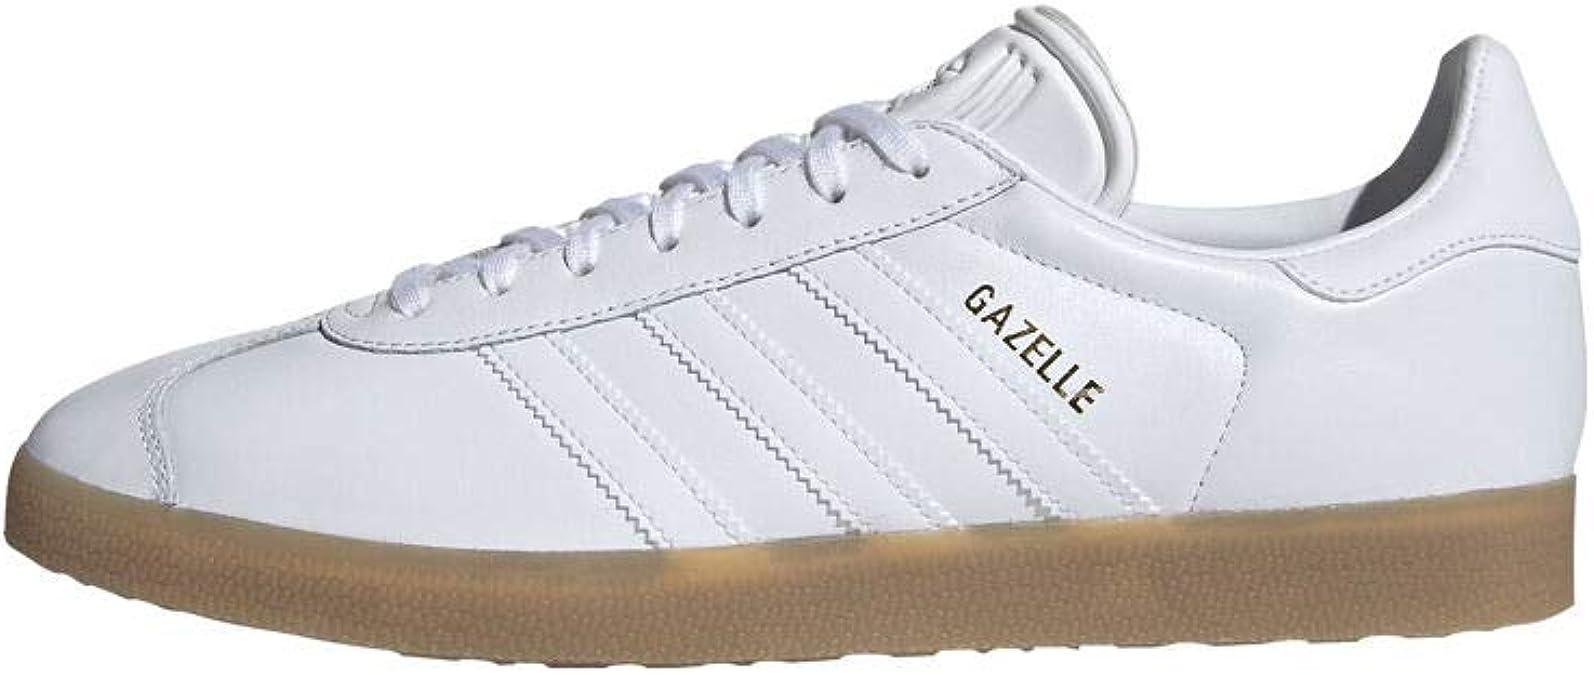 adidas gazelle mens 11